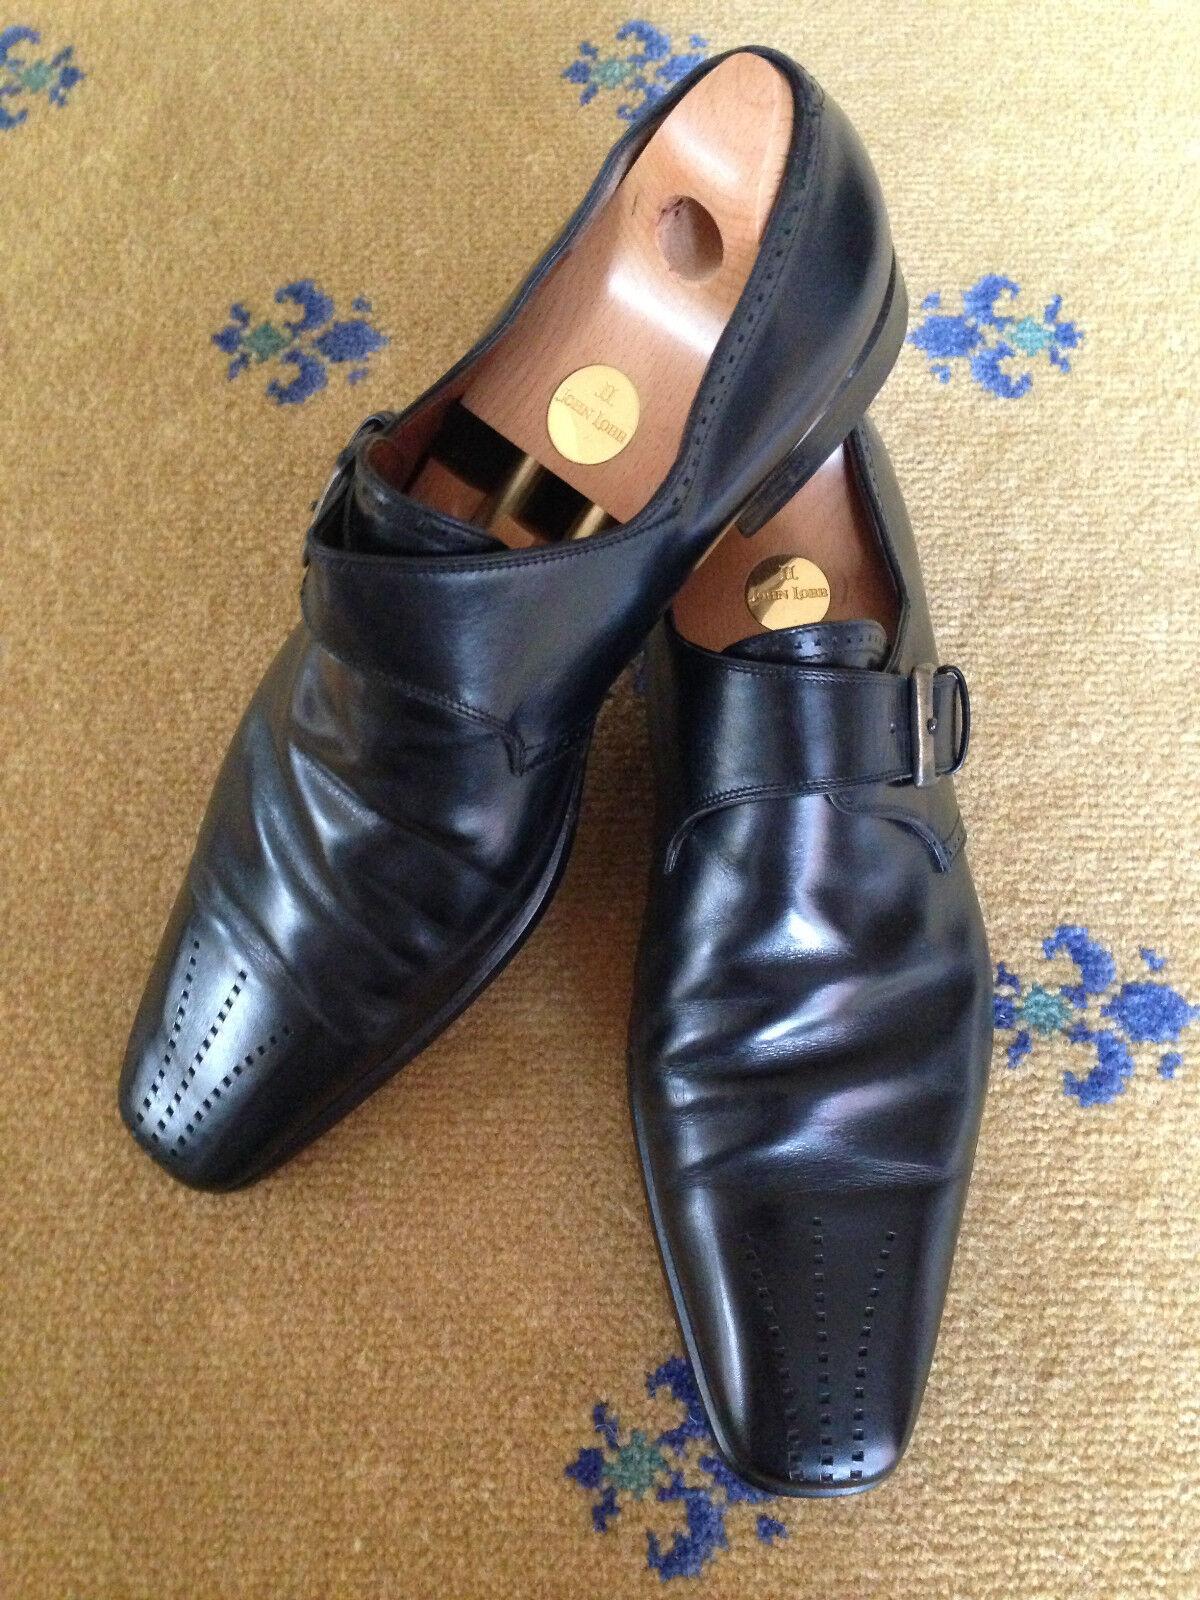 FRATELLI ROSSETTI scarpe da uomo in Pelle Pelle Pelle Nera Monk Fibbia Mocassini US 11 44   Imballaggio elegante e stabile    Scolaro/Ragazze Scarpa  ae6546